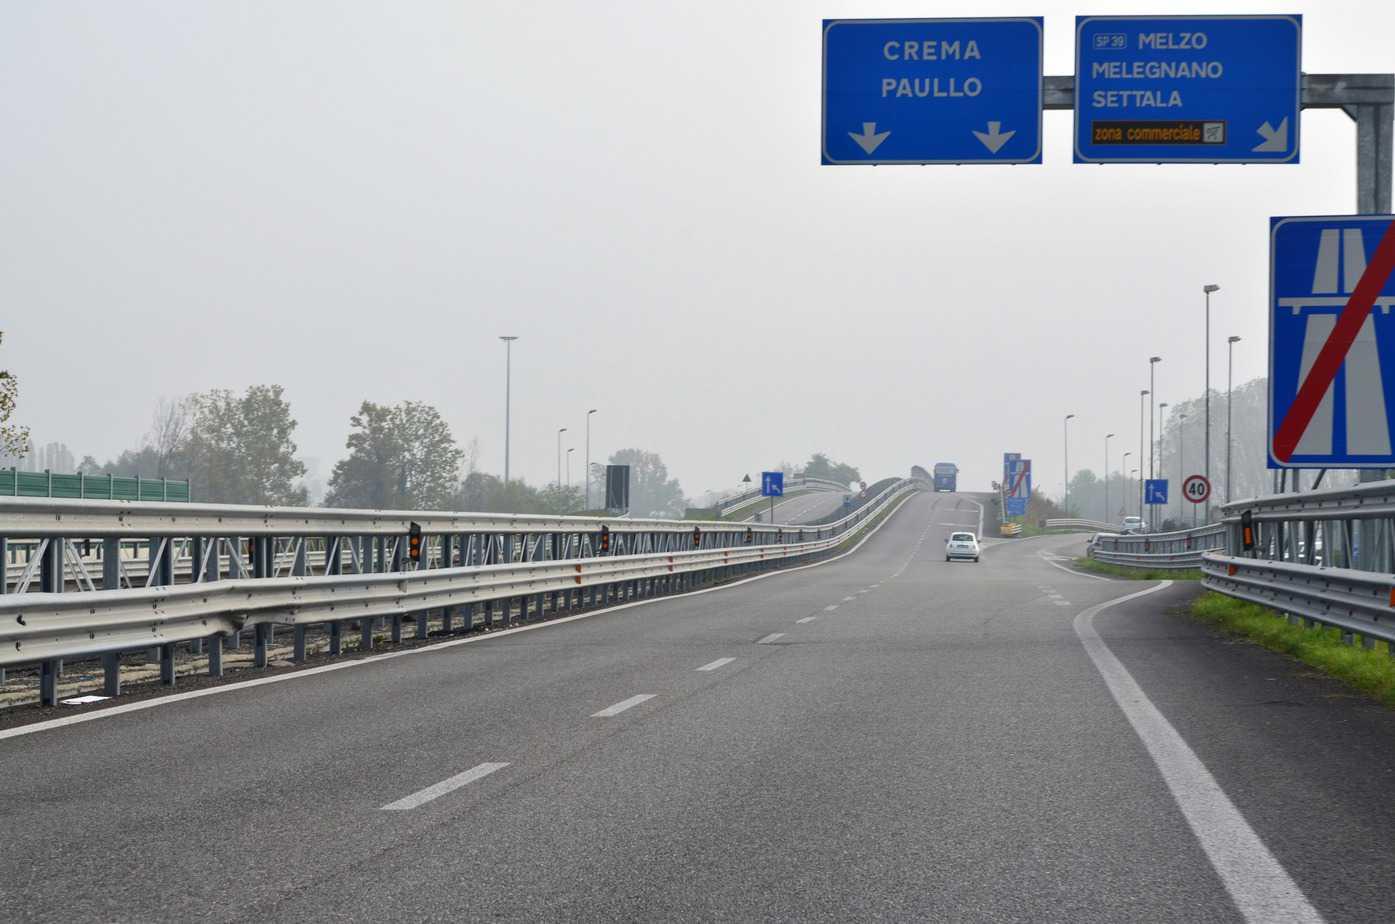 A Pantigliate la Superstrada Paullese si interrompe bruscamente, passando da quattro a due corsie. Manca ancora qualche chilometro alla TEEM